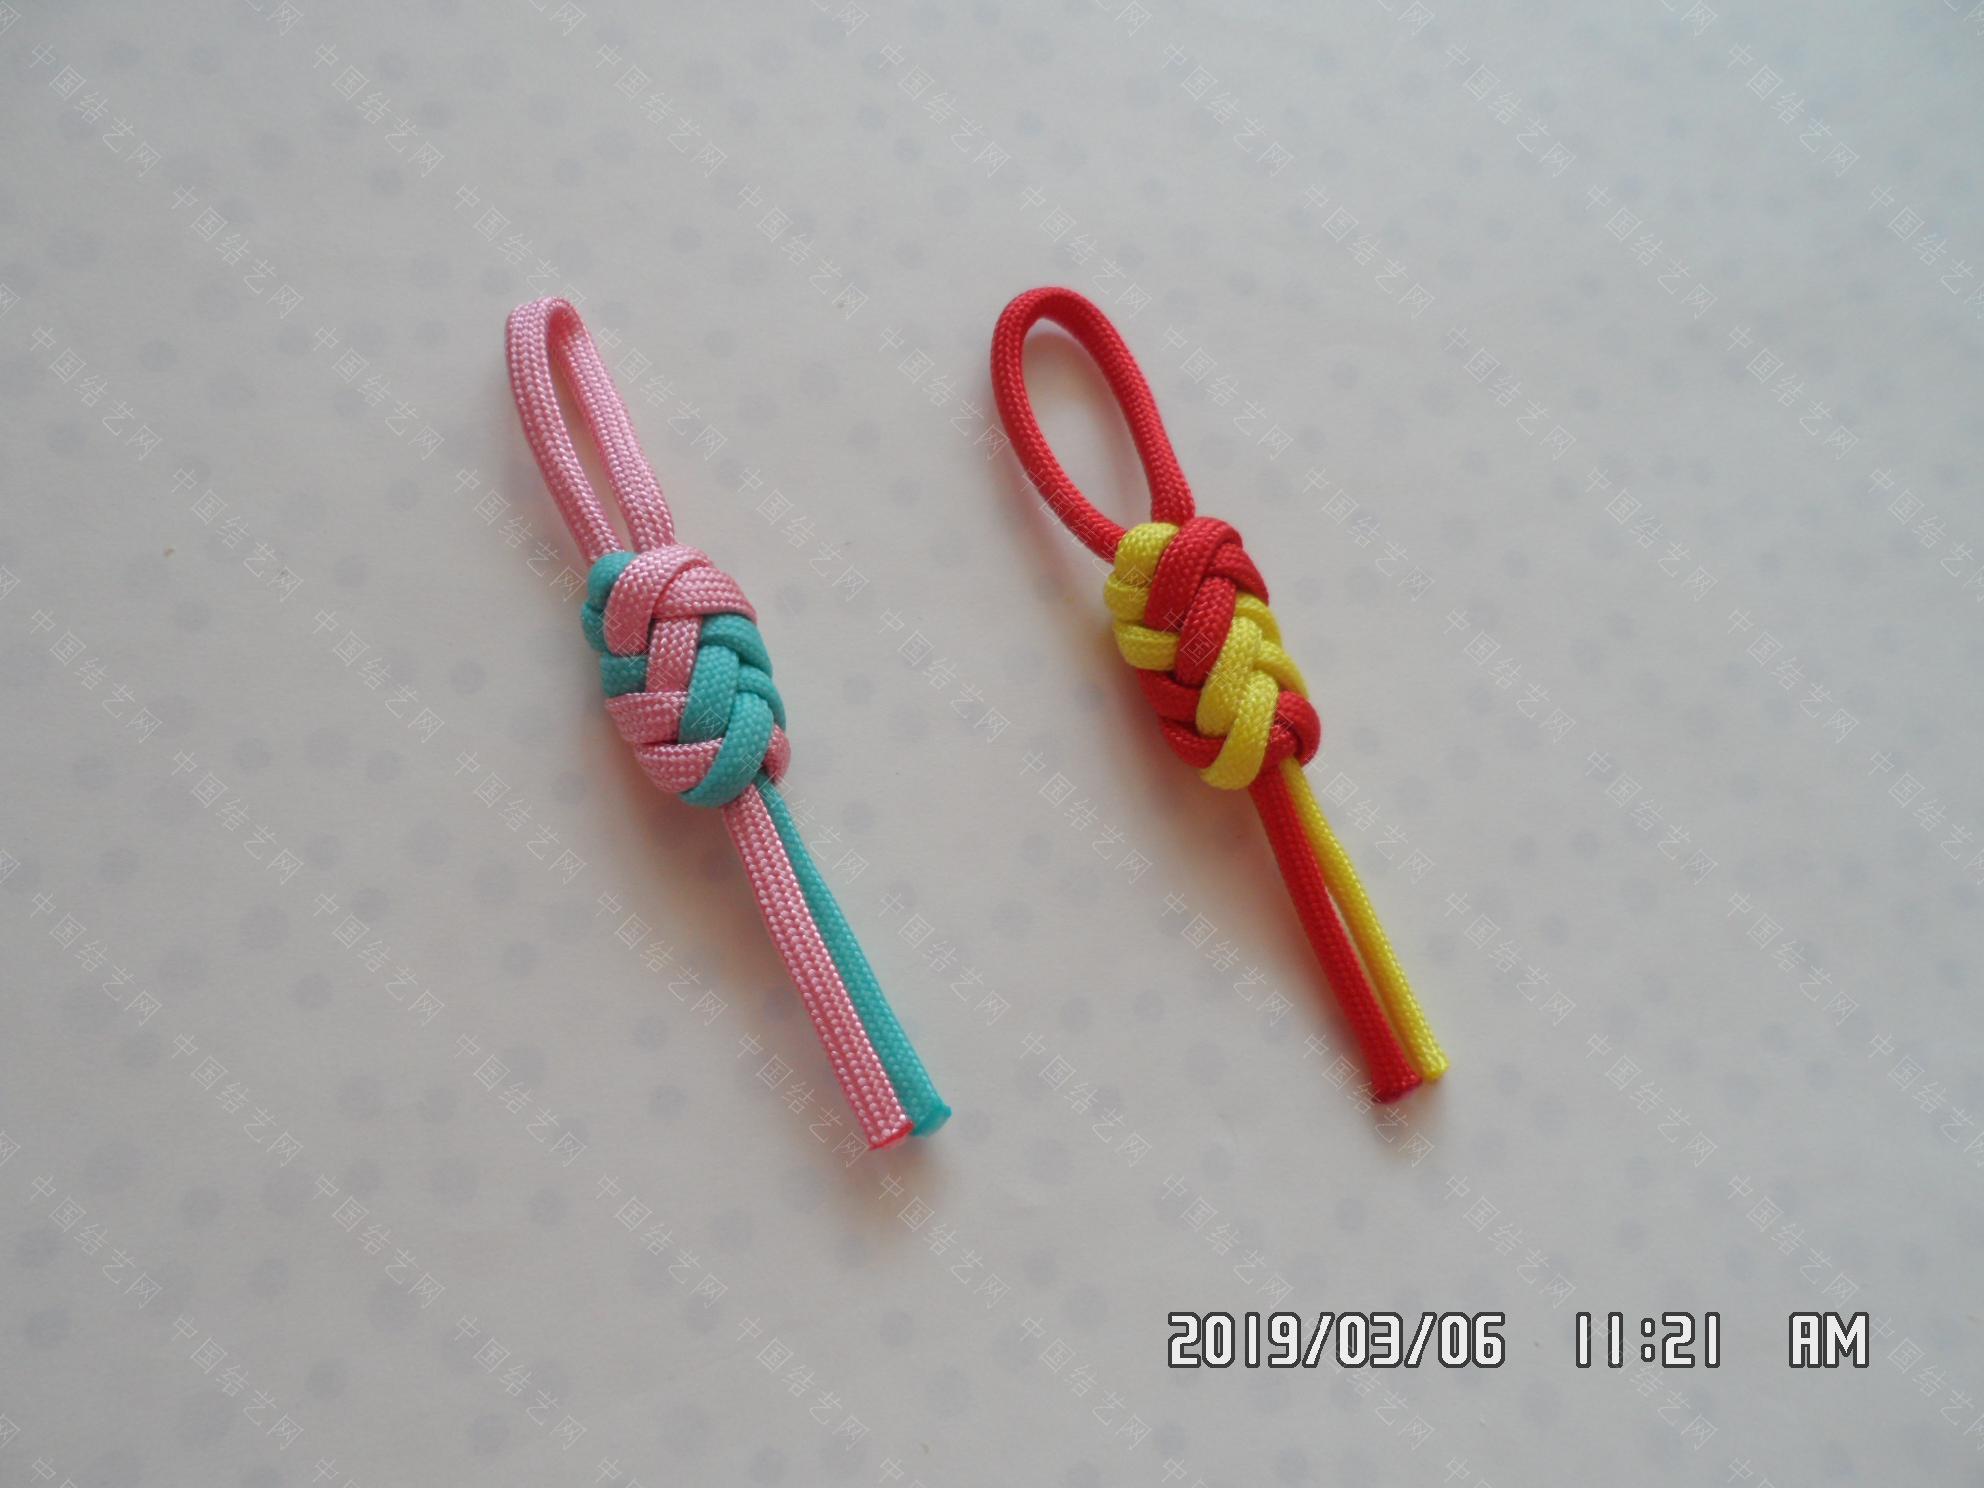 中国结论坛 一款伞绳扁形小挂件的走线方法  图文教程区 171201pizpbexbsjpbtnq8